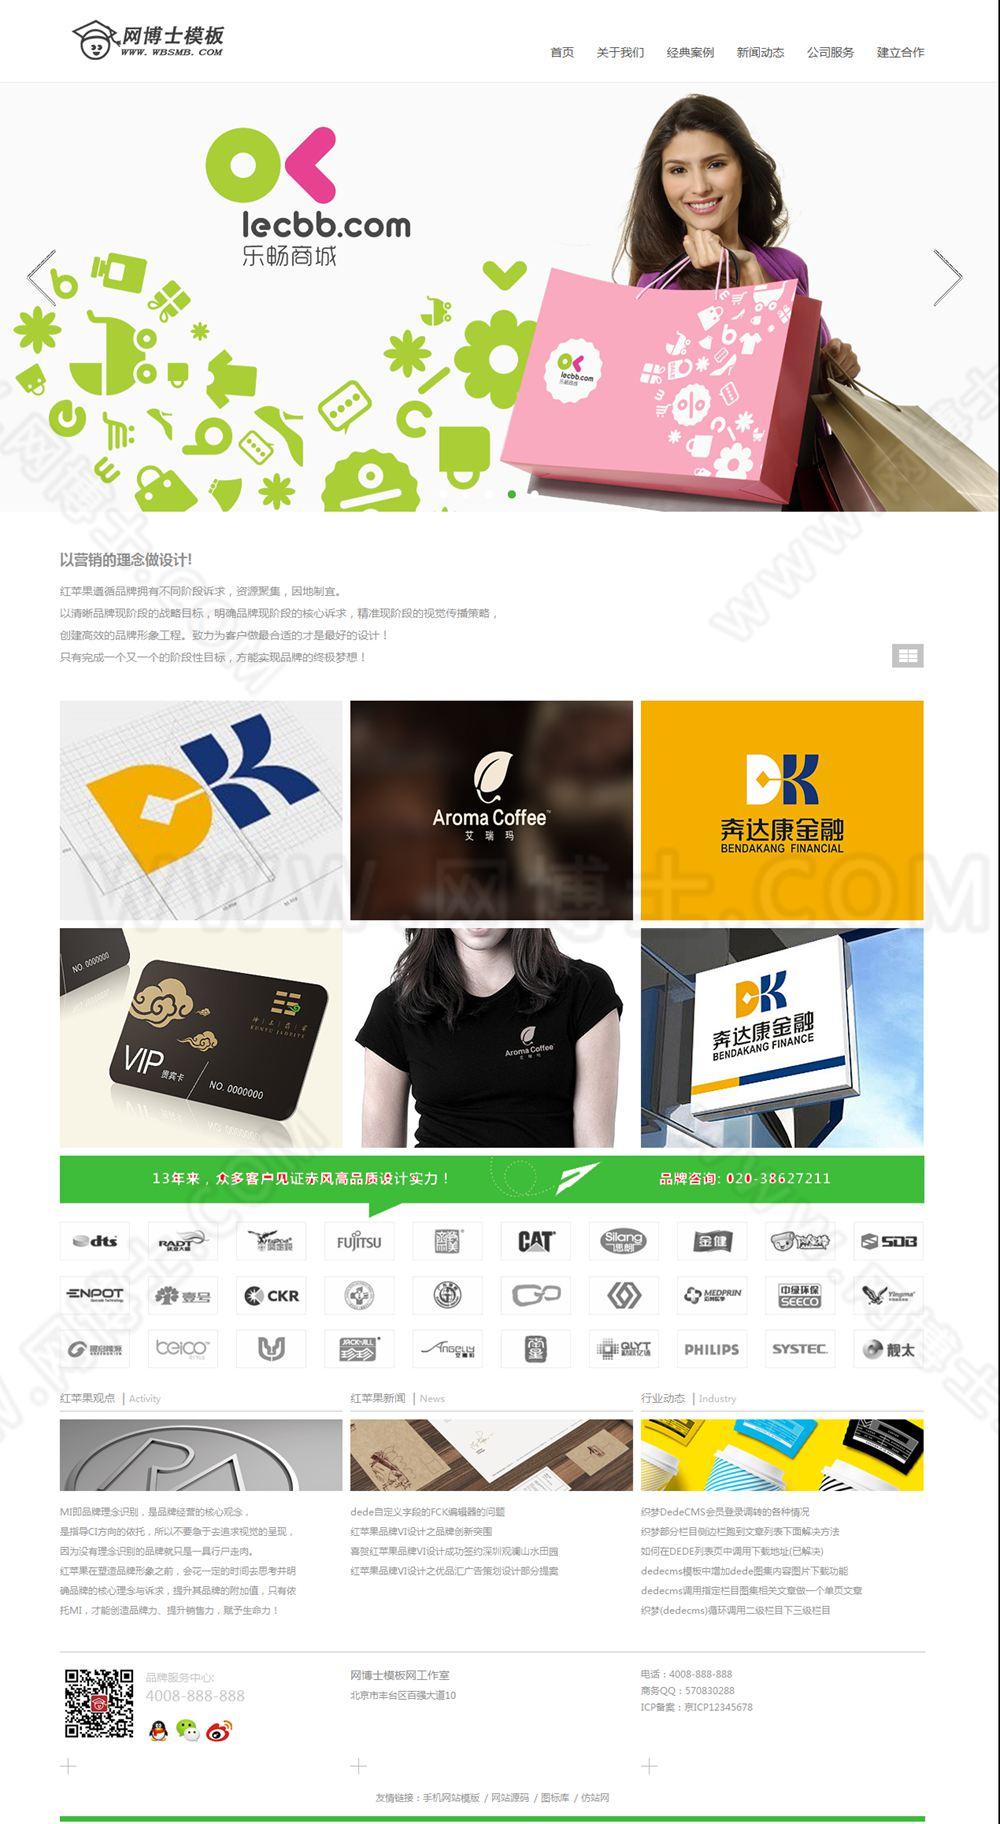 (手机数据同步)简洁品牌广告网络设计企业公司